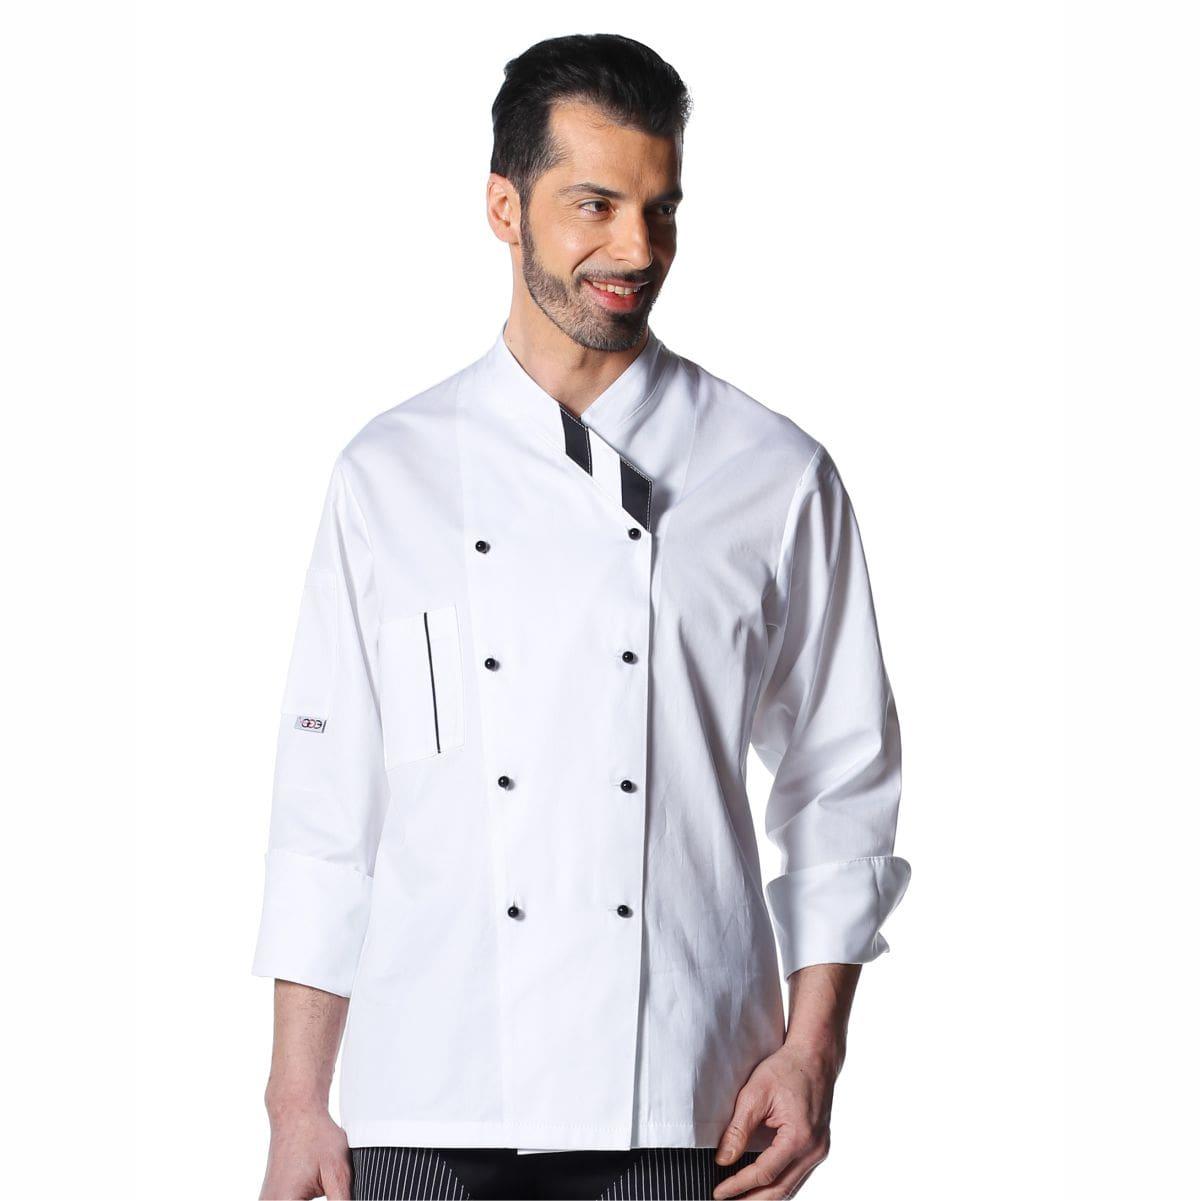 Ristorante Personale Cotone Doppio Petto Lavorando Uniforme weiwei Uomini Chefs Giacca semplicit/à Pieno Maniche Chef Cappotto per Cuochi